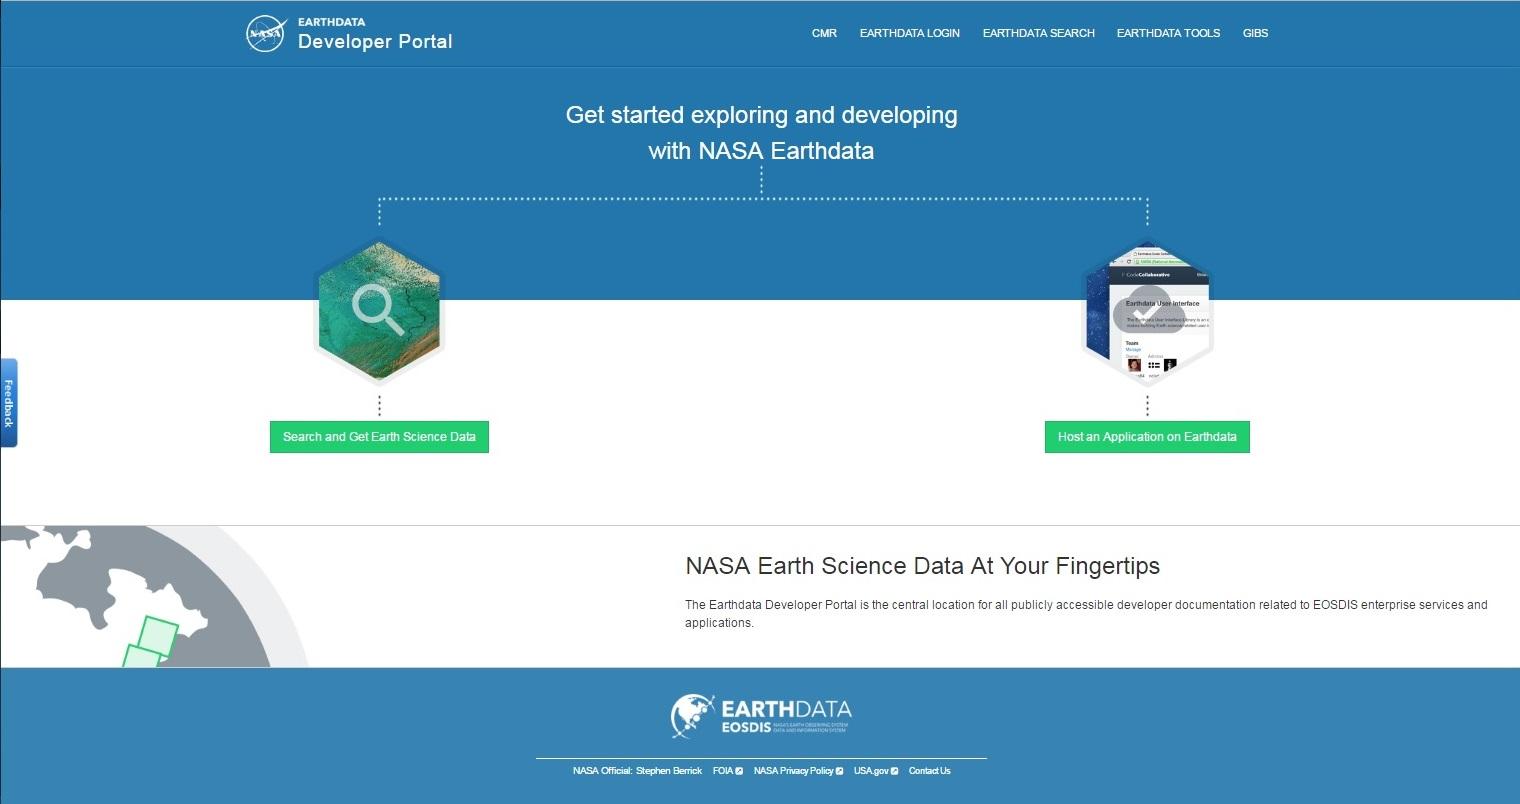 Earthdata Developer Portal